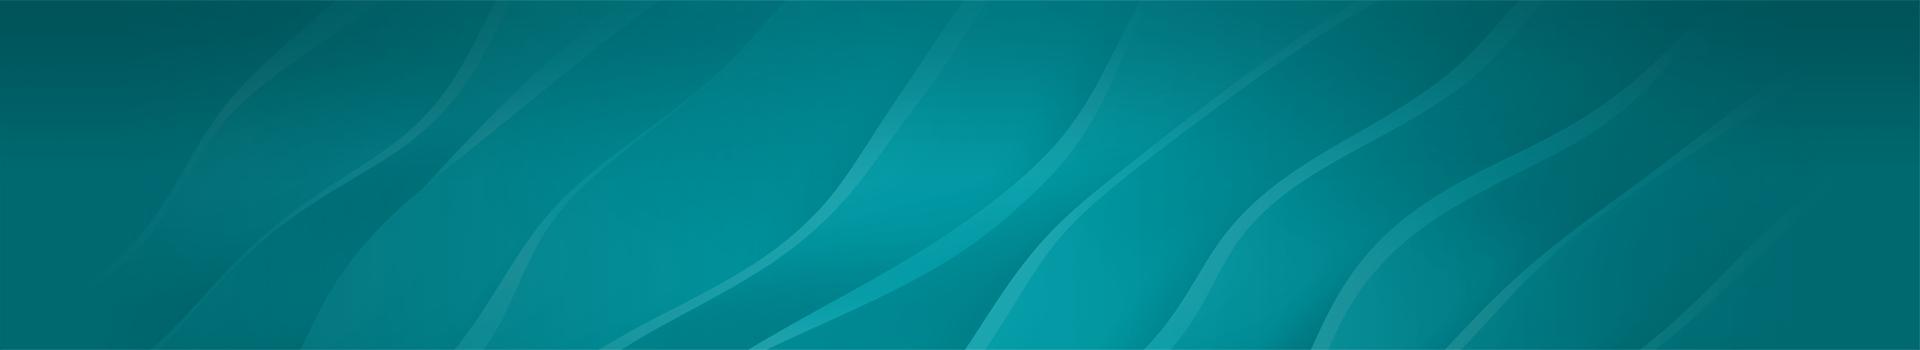 ESET Services banner